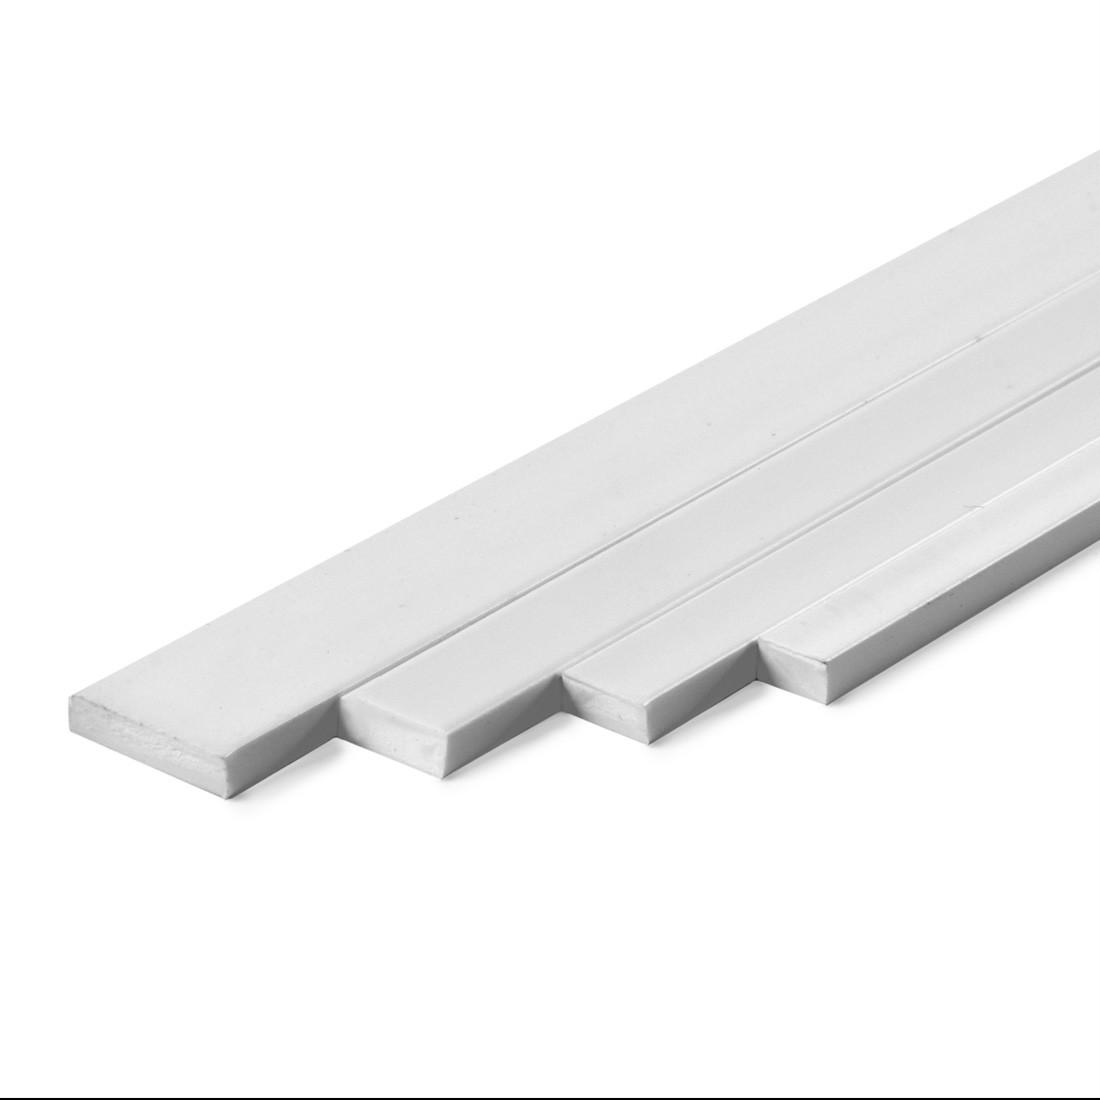 Perfil rectangular ASA mm.2x8x1000